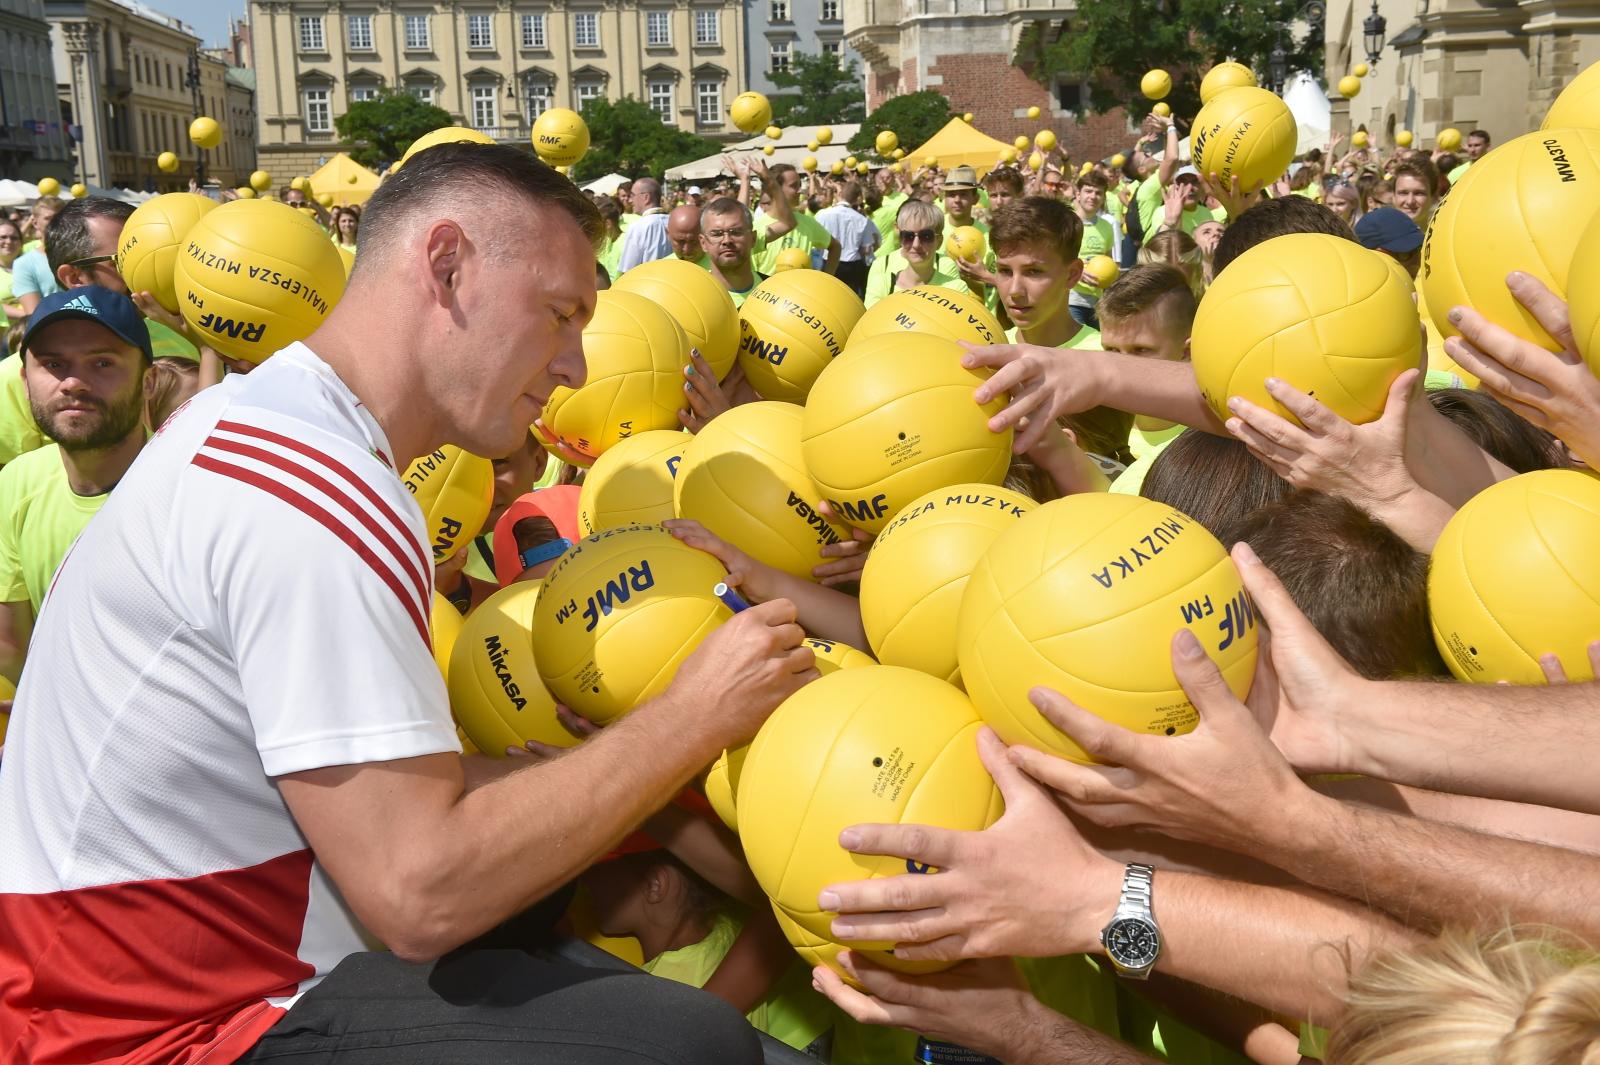 Kraków, próby pobicia rekordu Guinnessa w jednoczesnym podbijaniu piłki do siatkówki. Dotychczasowy oficjalny rekord to 299 osób.  W Krakowie rekord został pobity. PAP/Jacek Bednarczyk